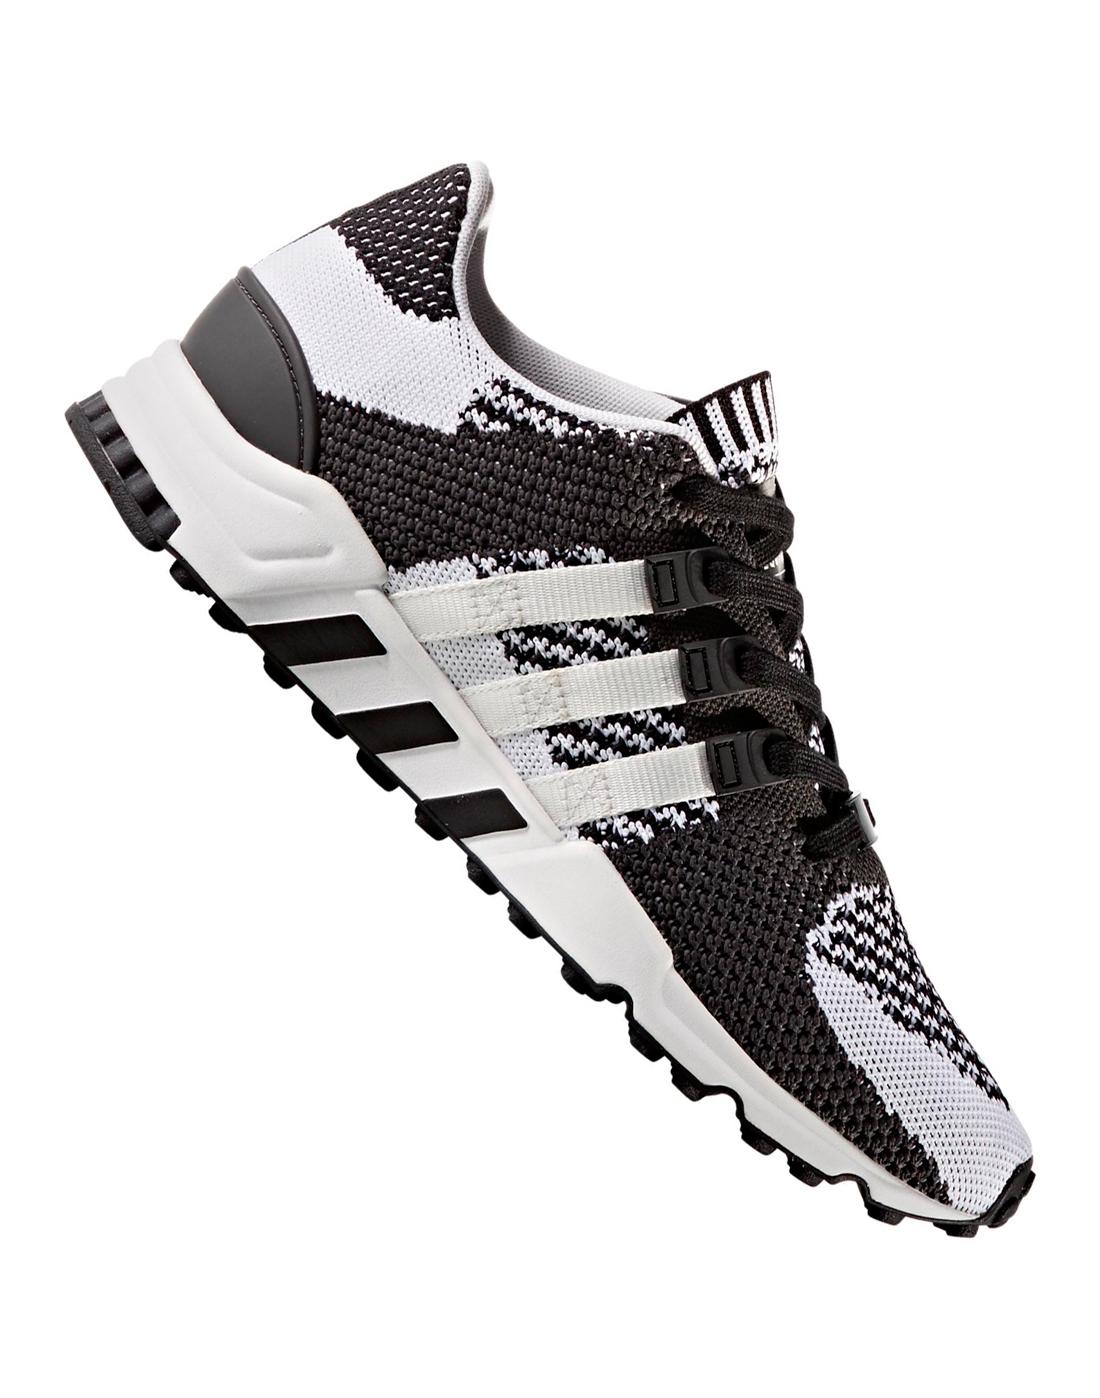 adidas Originals Mens EQT Support RF PK - Black | Life Style Sports UK